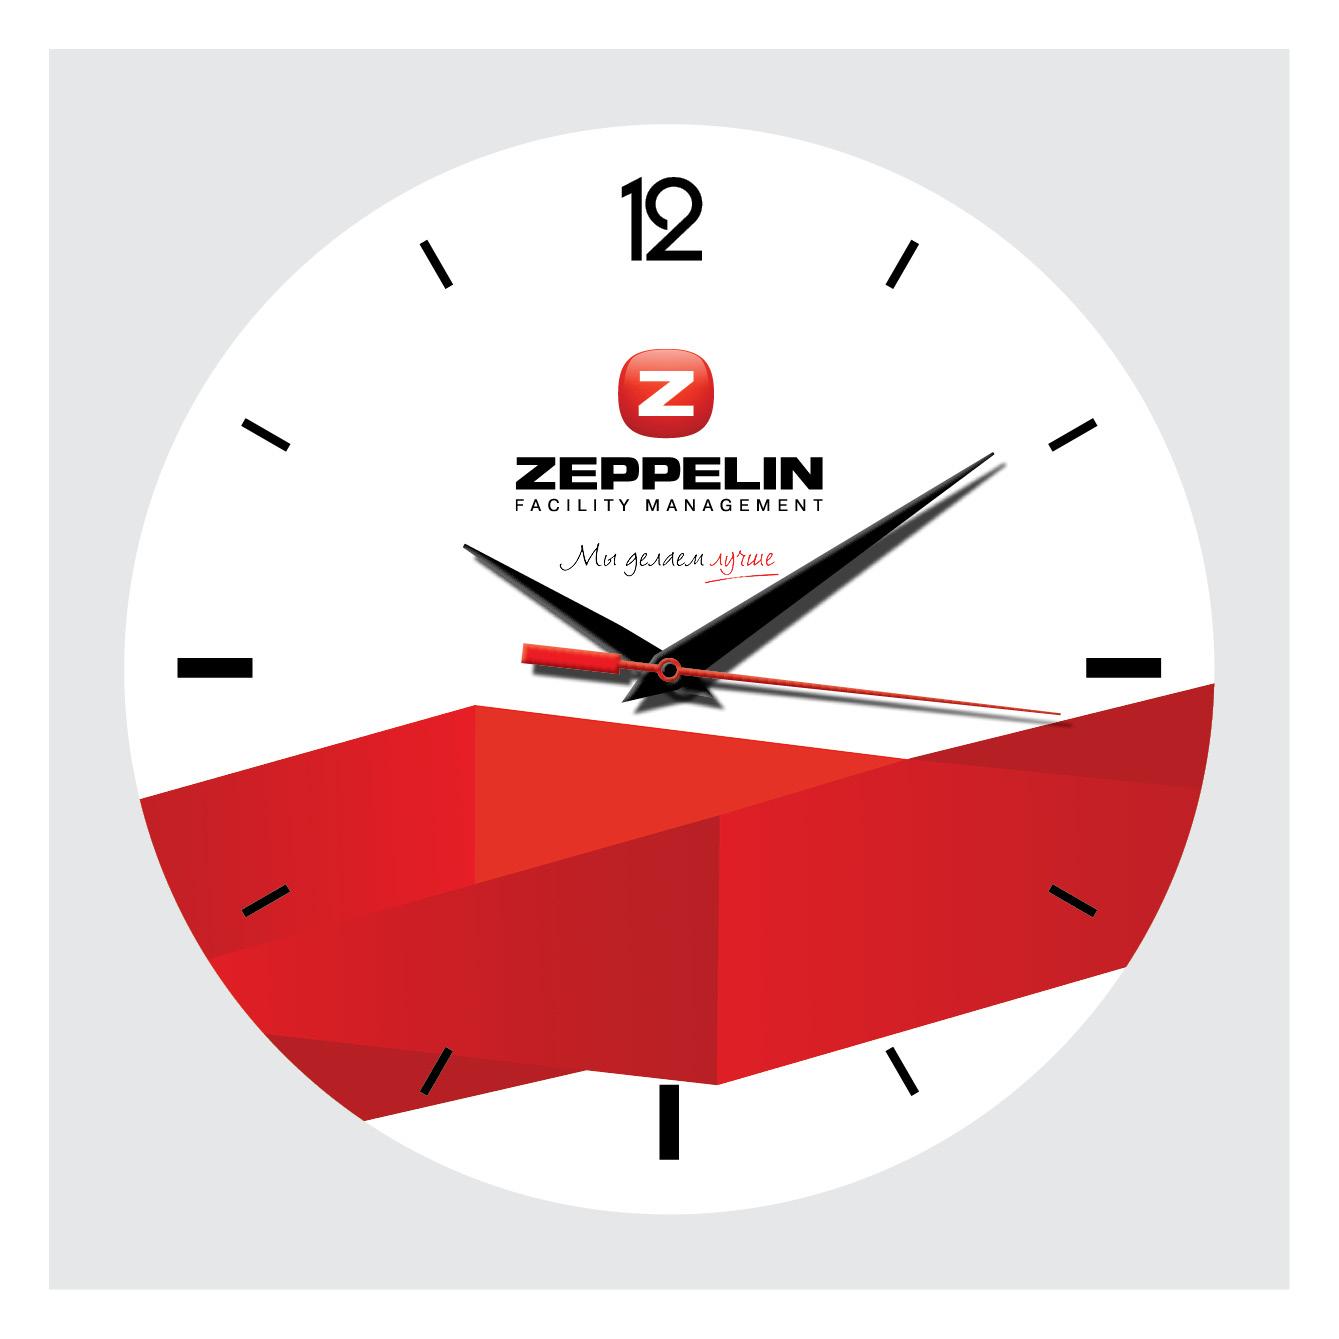 Zeppelin-steklo_enl